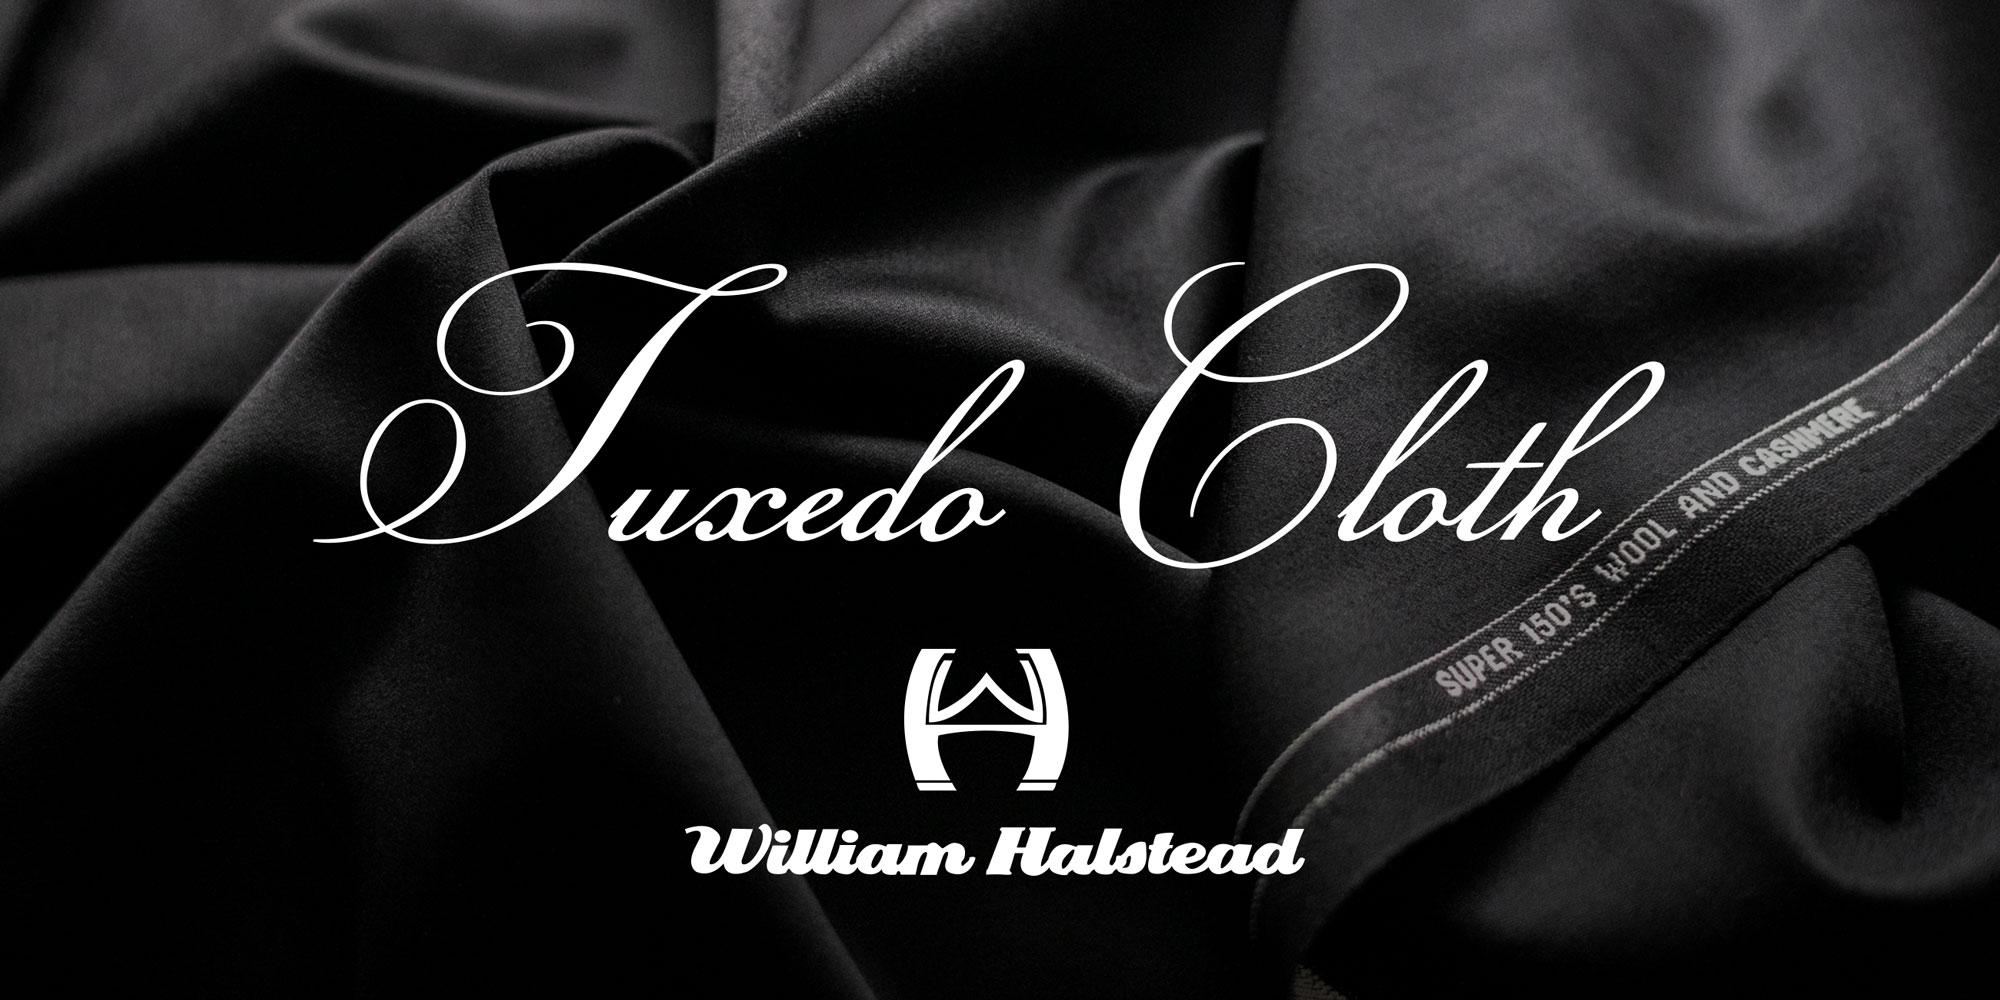 ★礼服 William Halstead  SUPER150's タキシードクロスがスペシャルプライス